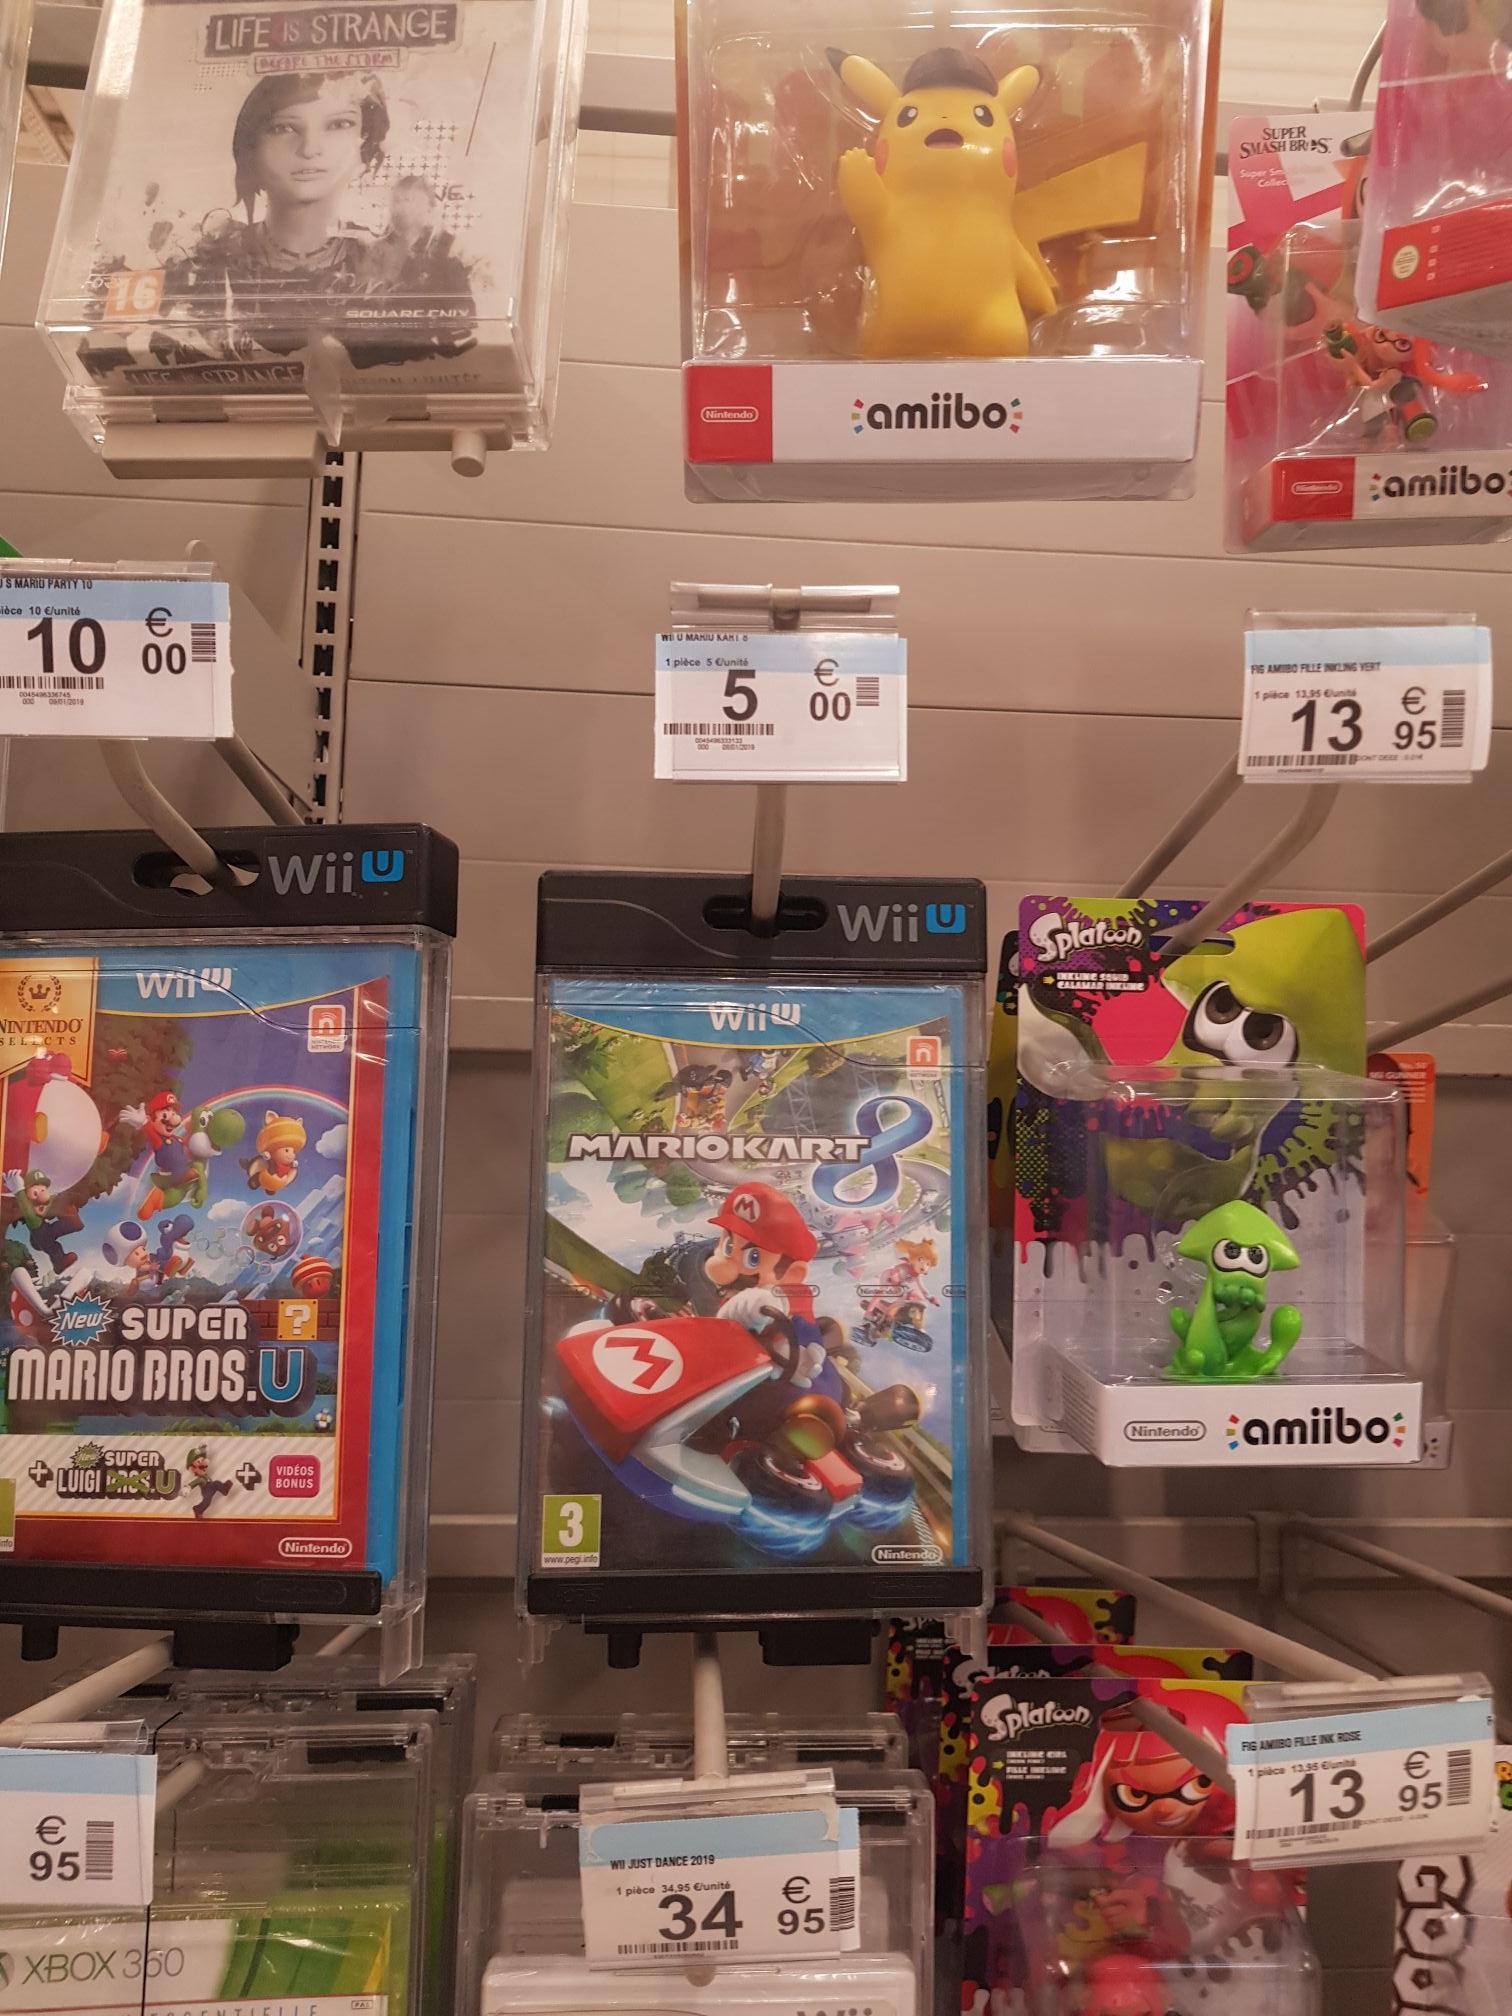 Sélection de jeux en soldes - Ex : Mario kart 8 sur Wii U - Digne les bains (04)